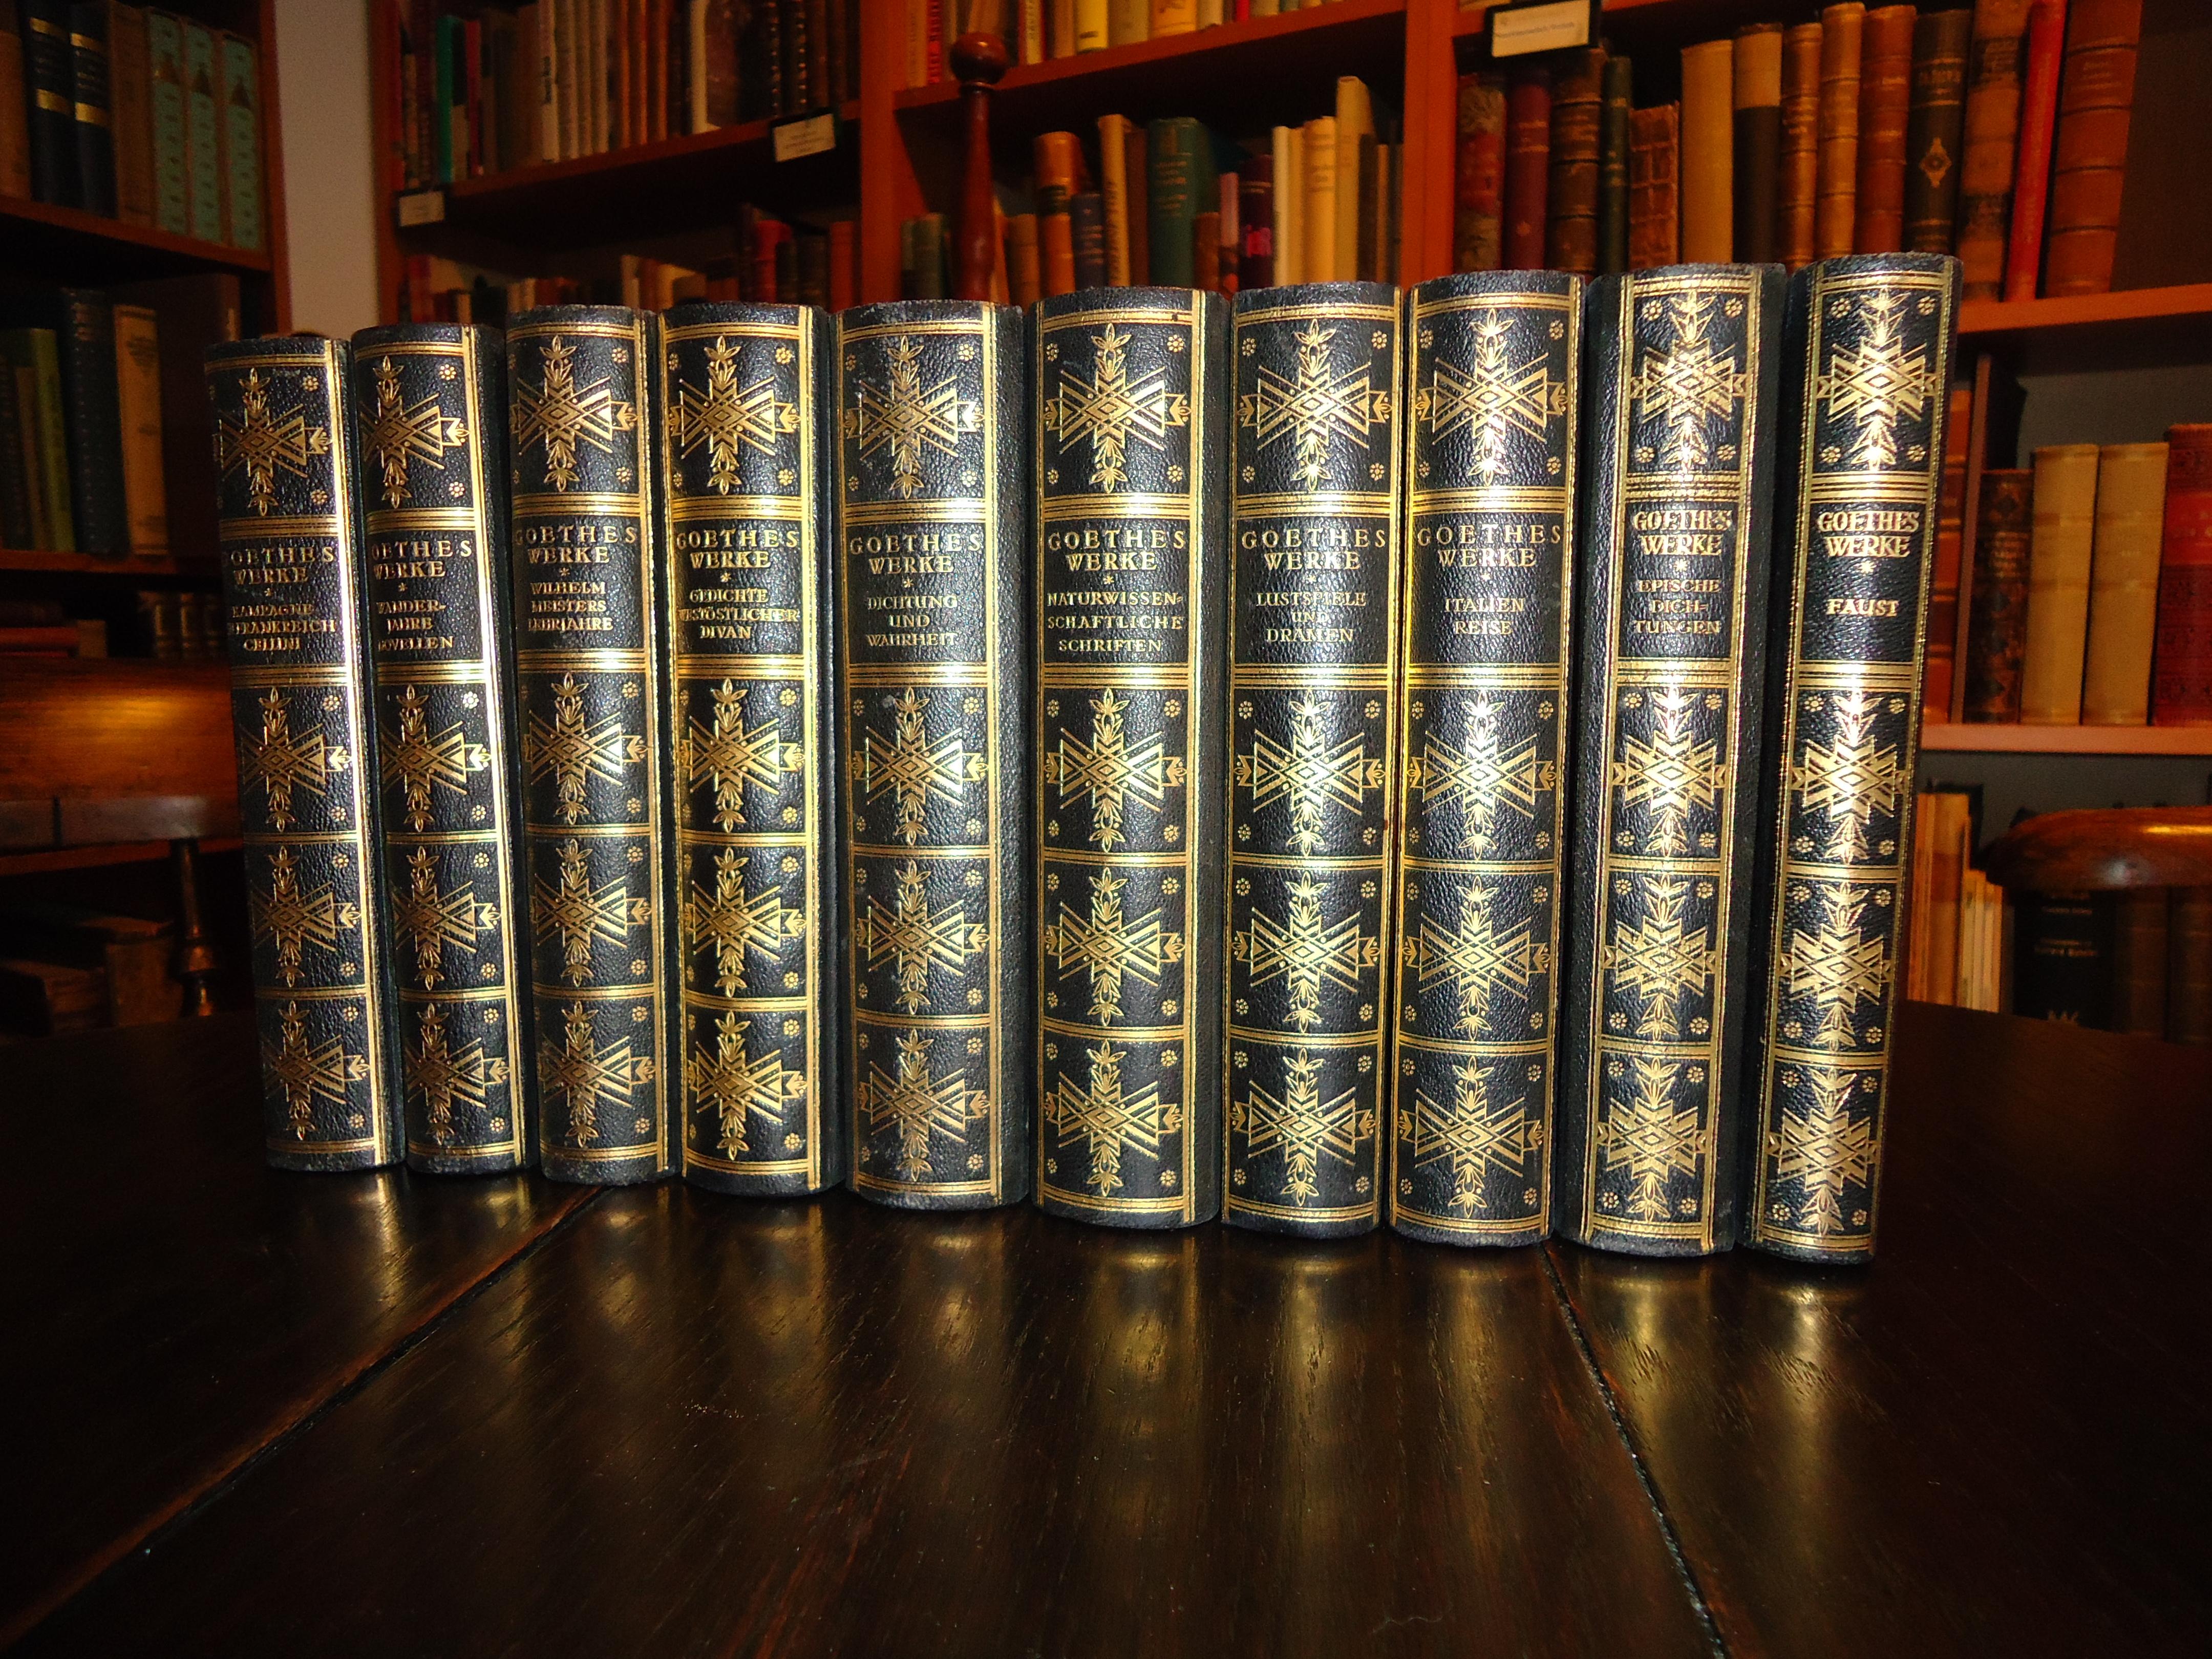 Halblederausgabe - Goethes Werke. In Verbindung mit Hans Schimank, Hermann Tiemann und Julius Schuster hrsg. von Chr. Christiansen. 10 Bände.